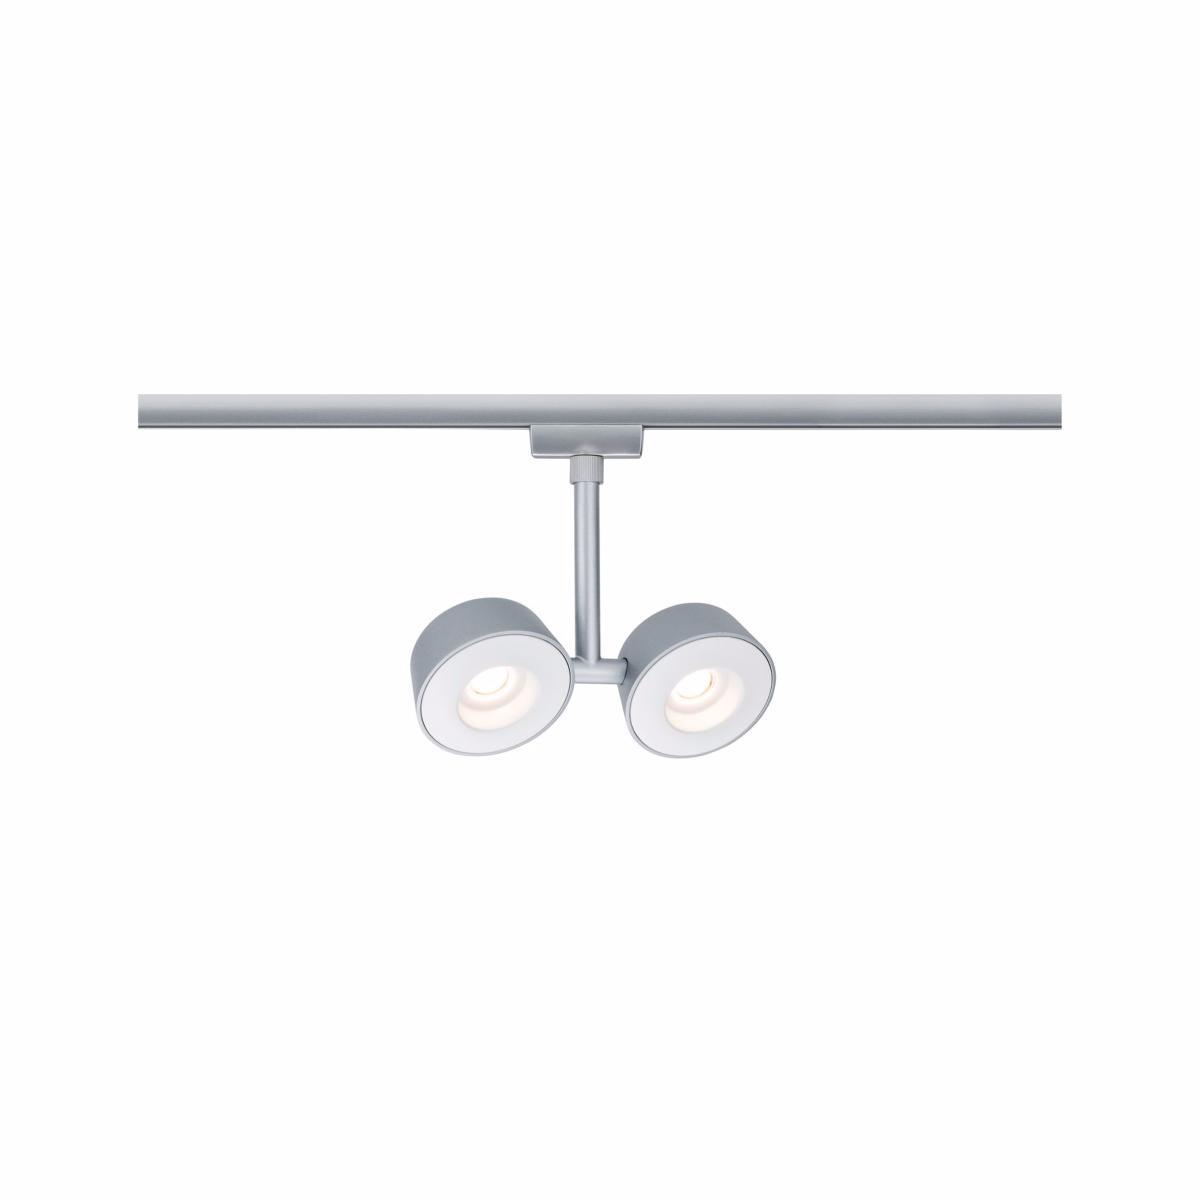 eclairage tableau eclairage sur rail plafond halog ne. Black Bedroom Furniture Sets. Home Design Ideas